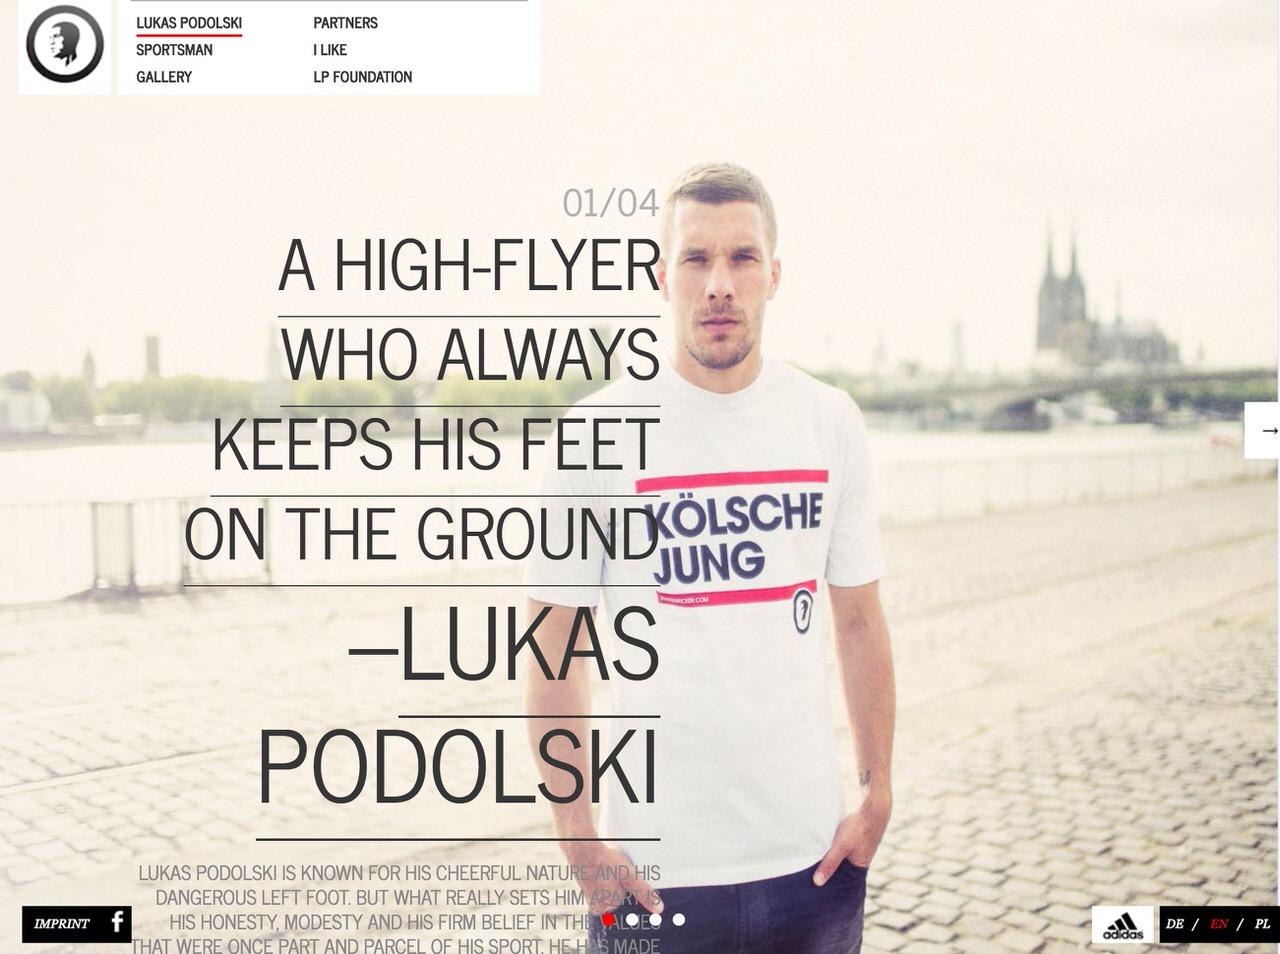 ヴィッセル神戸、元ドイツ代表FWルーカス・ポドルスキを年俸10億円で獲得か